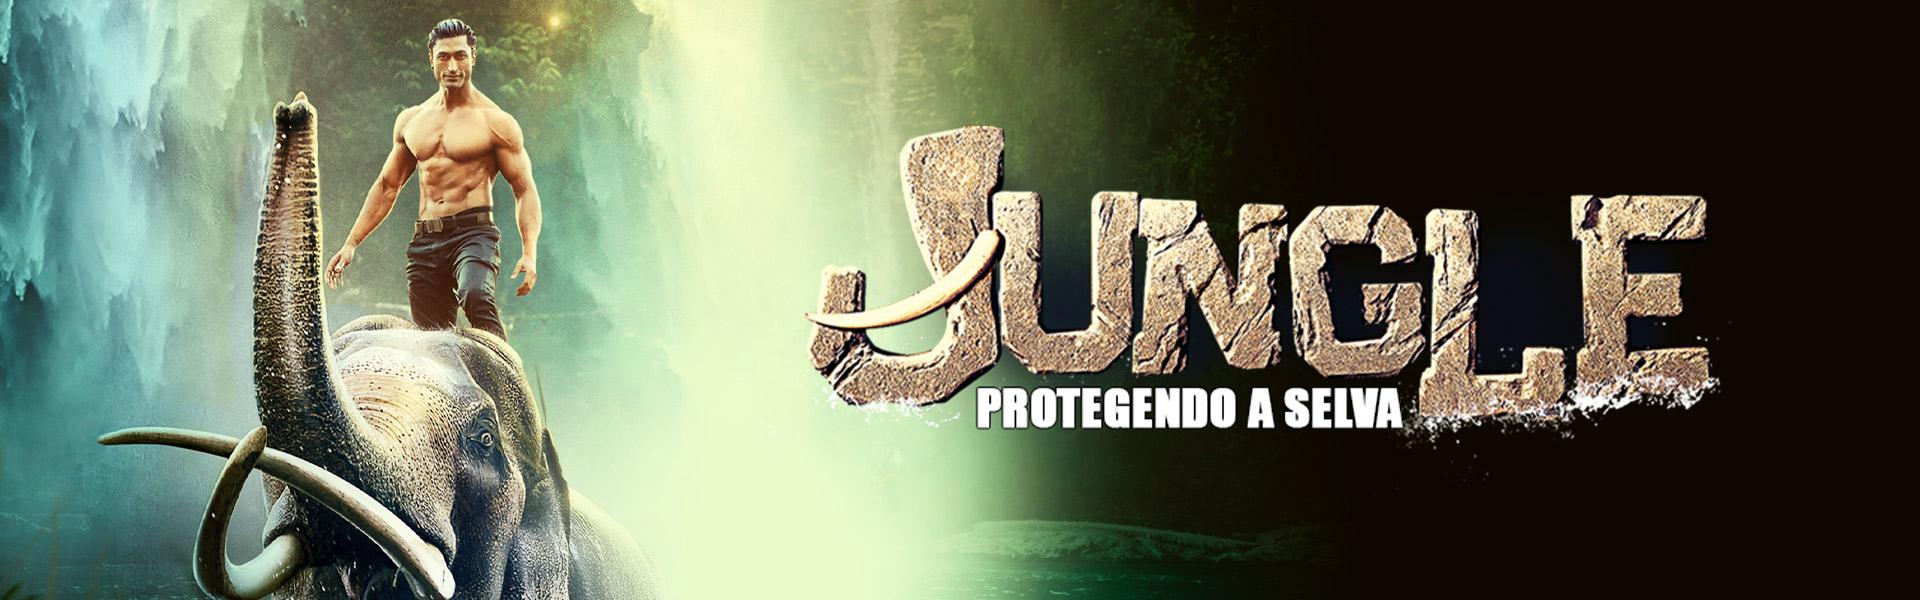 Junglee - Protegendo a Selva